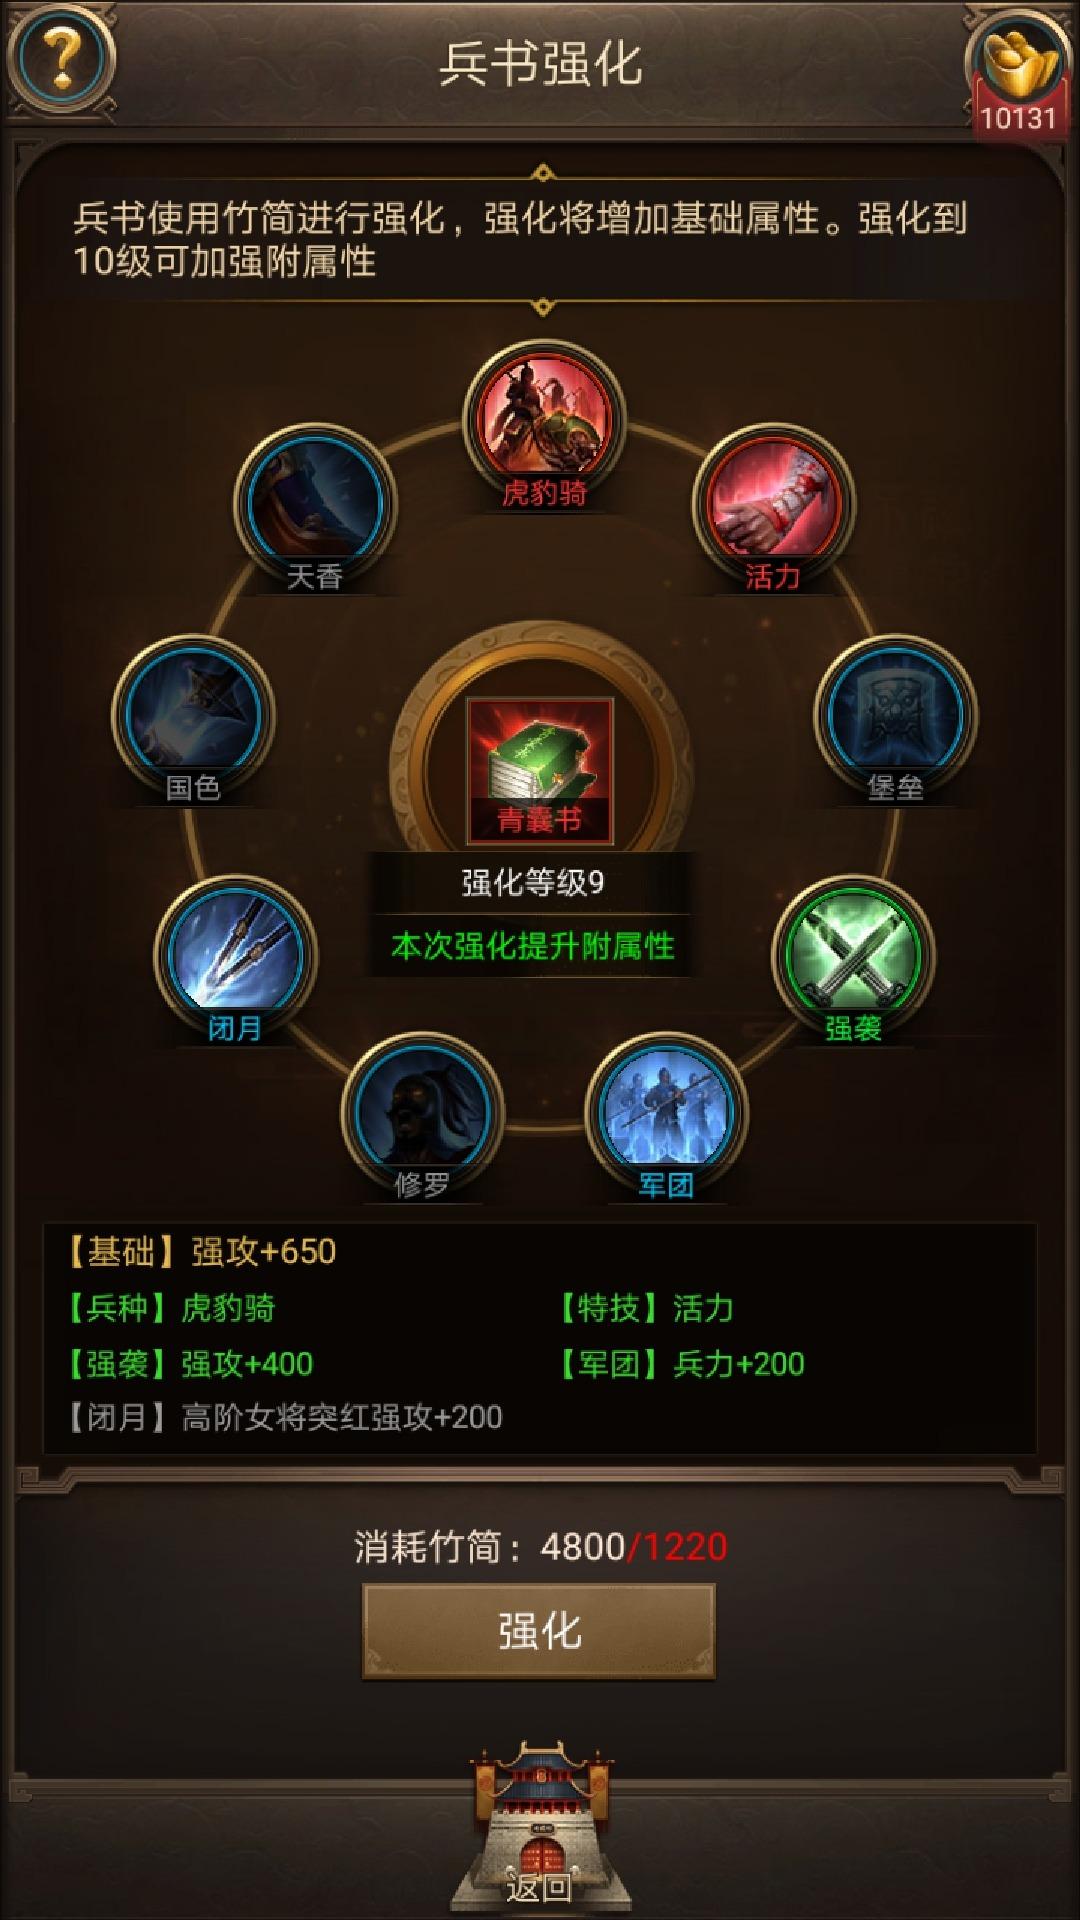 Screenshot_20190909_213521_juedi.tatuyin.rxsg.huawei.jpg